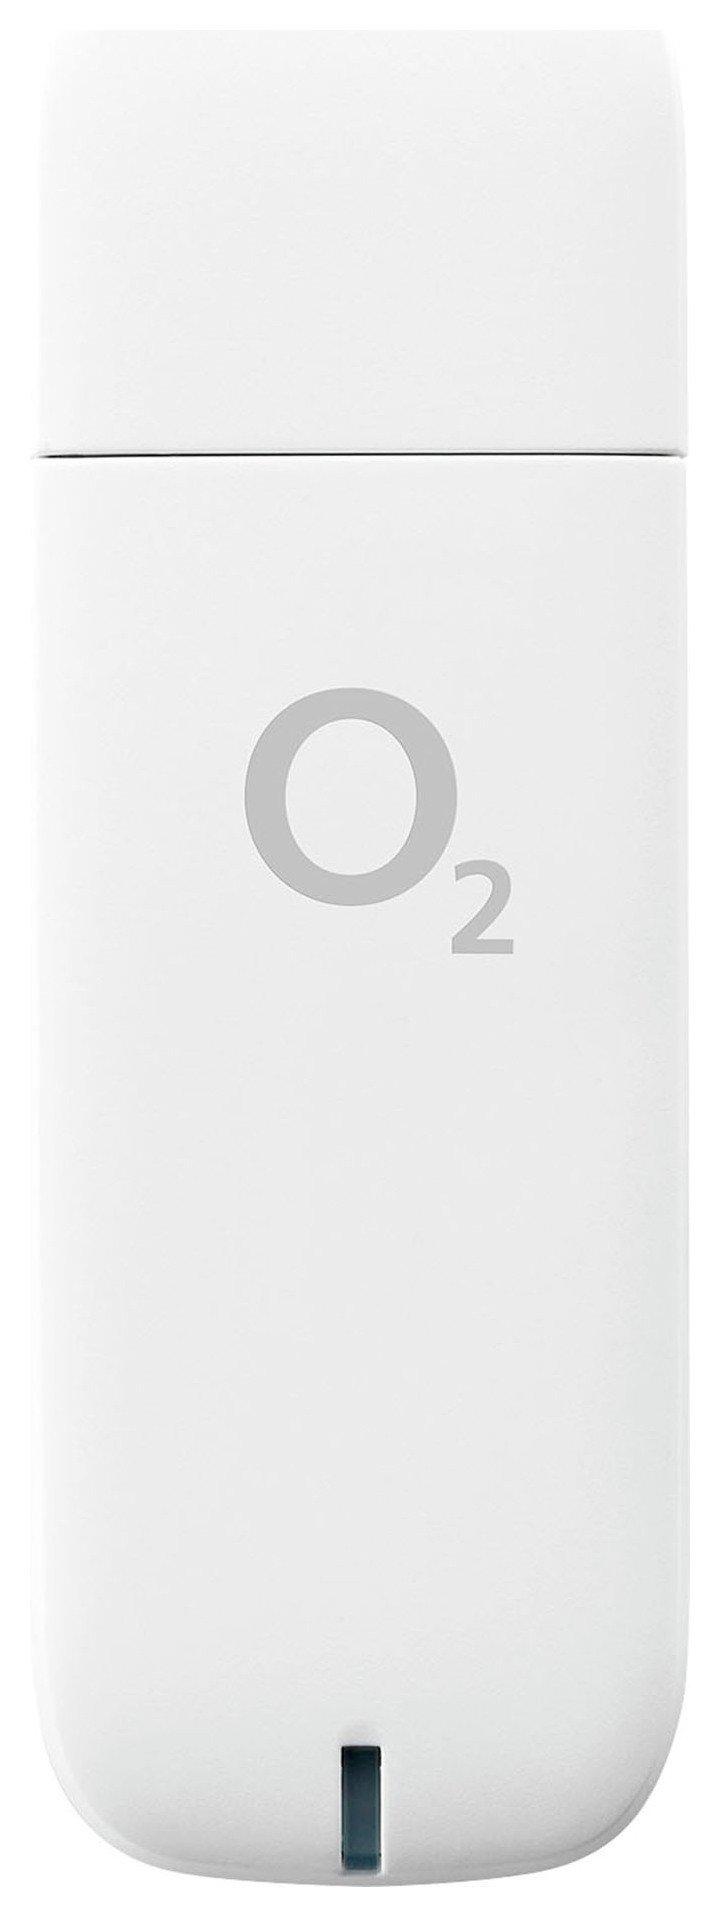 O2 3G Dongle